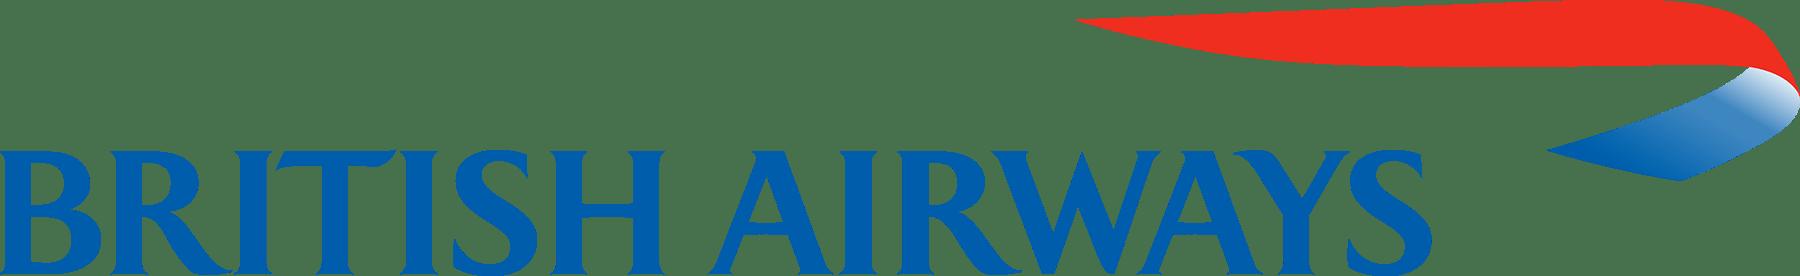 BritishAirways Logo